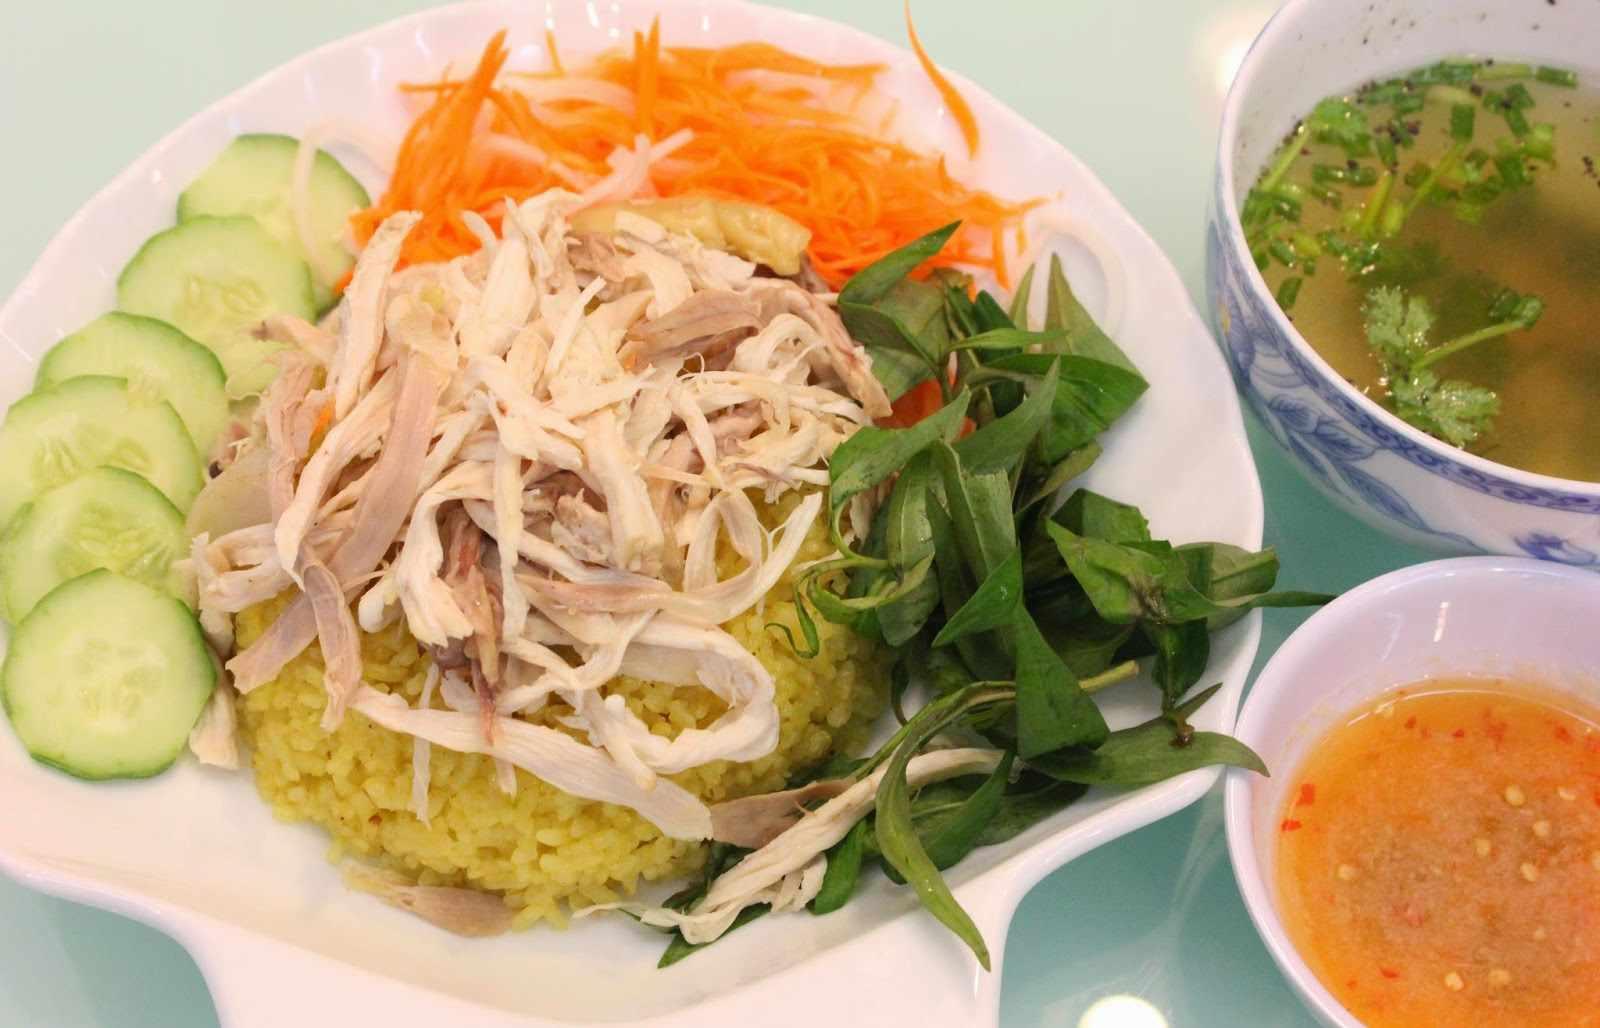 Đi tour Phú Yên bạn nhất định phải nếm qua món cơm gà siêu ngon này nhé.